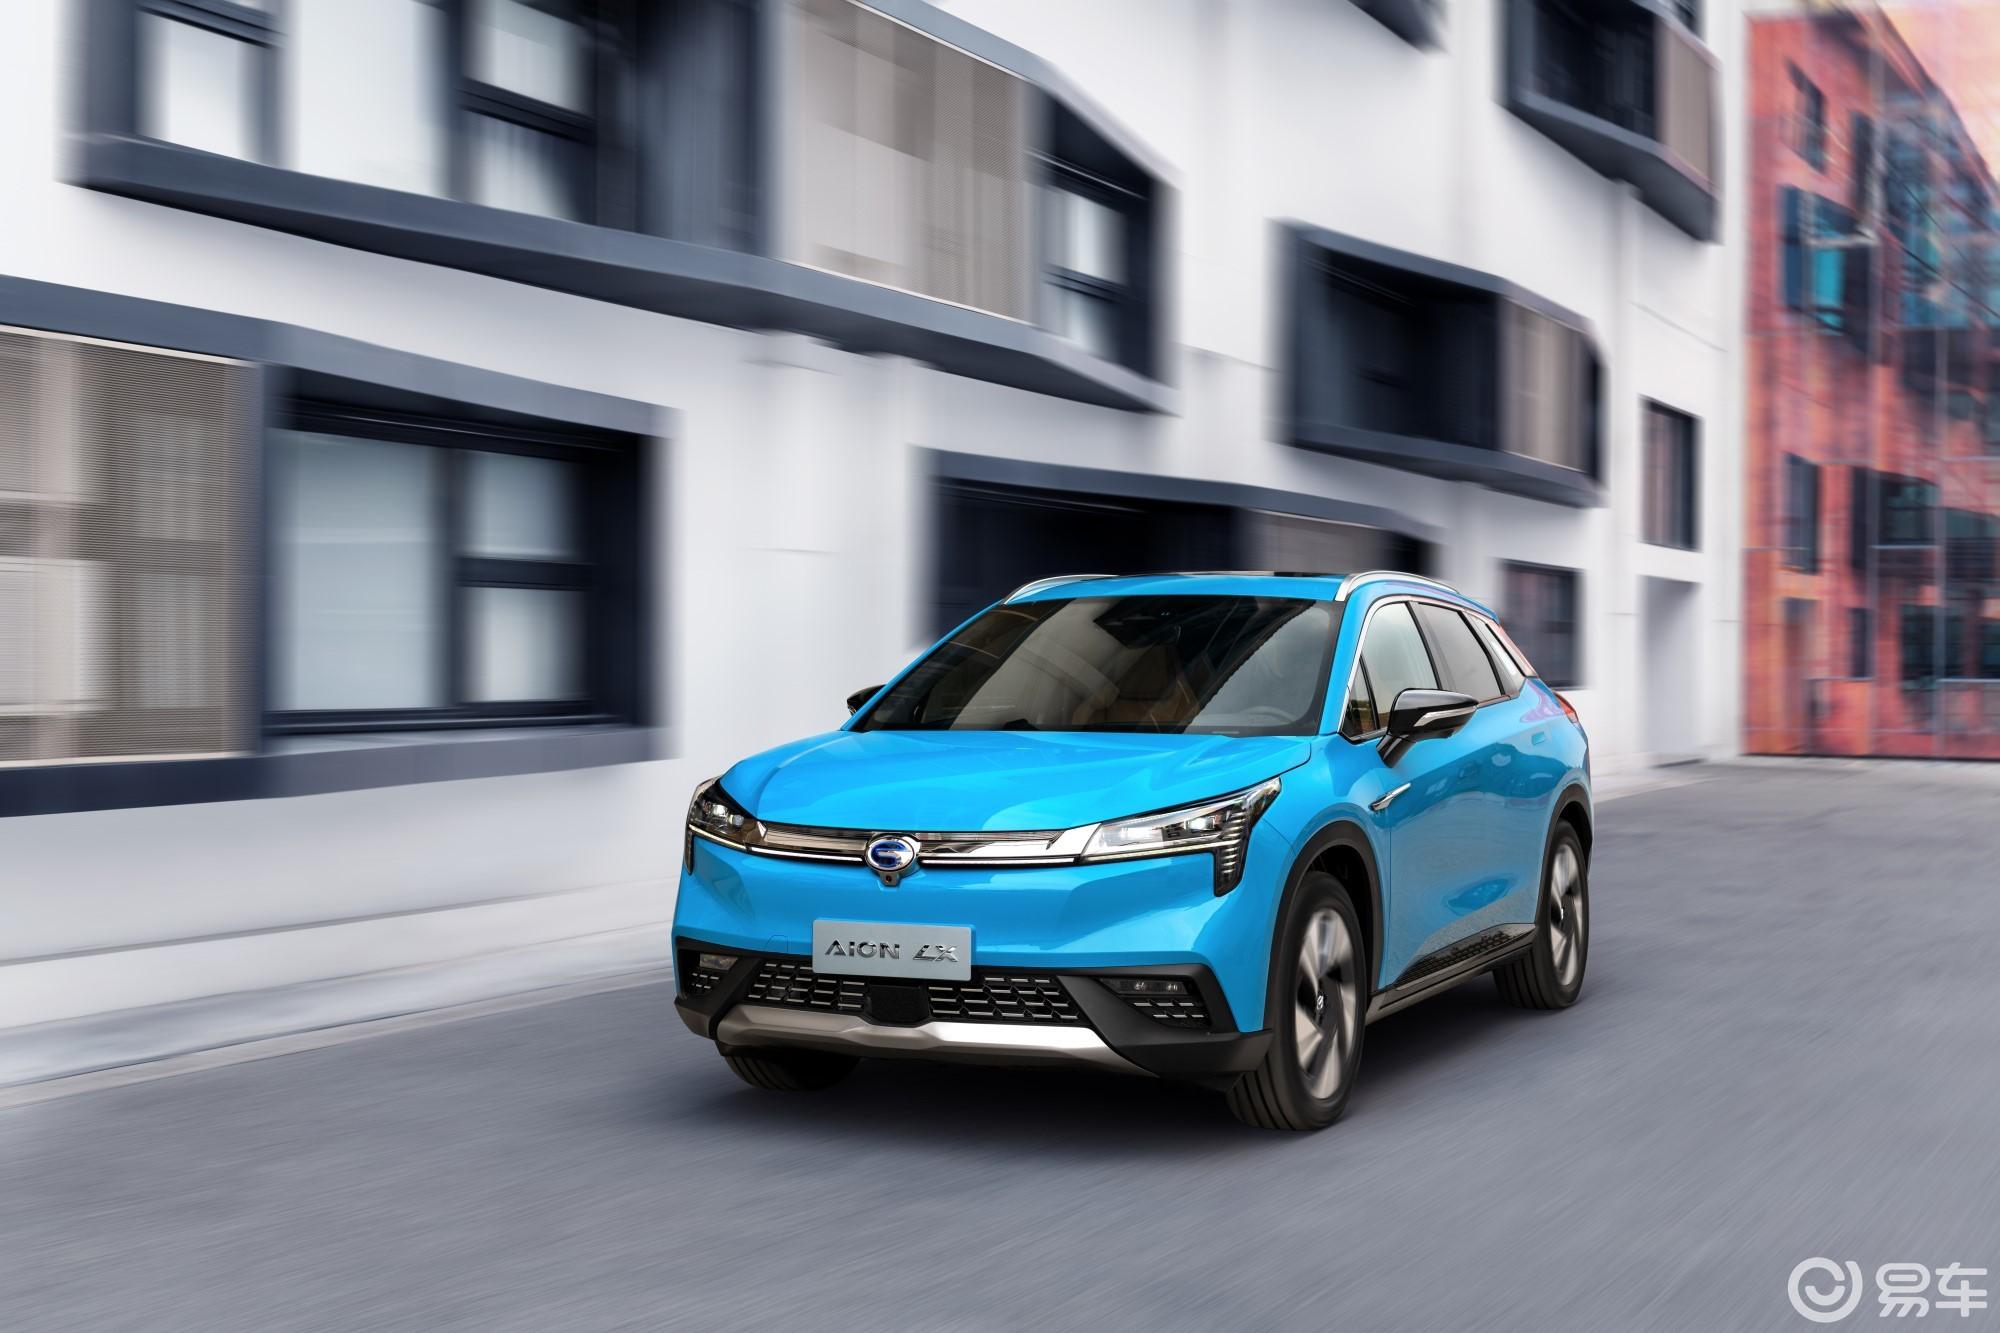 广汽新能源Aion LX将于10月17日正式上市